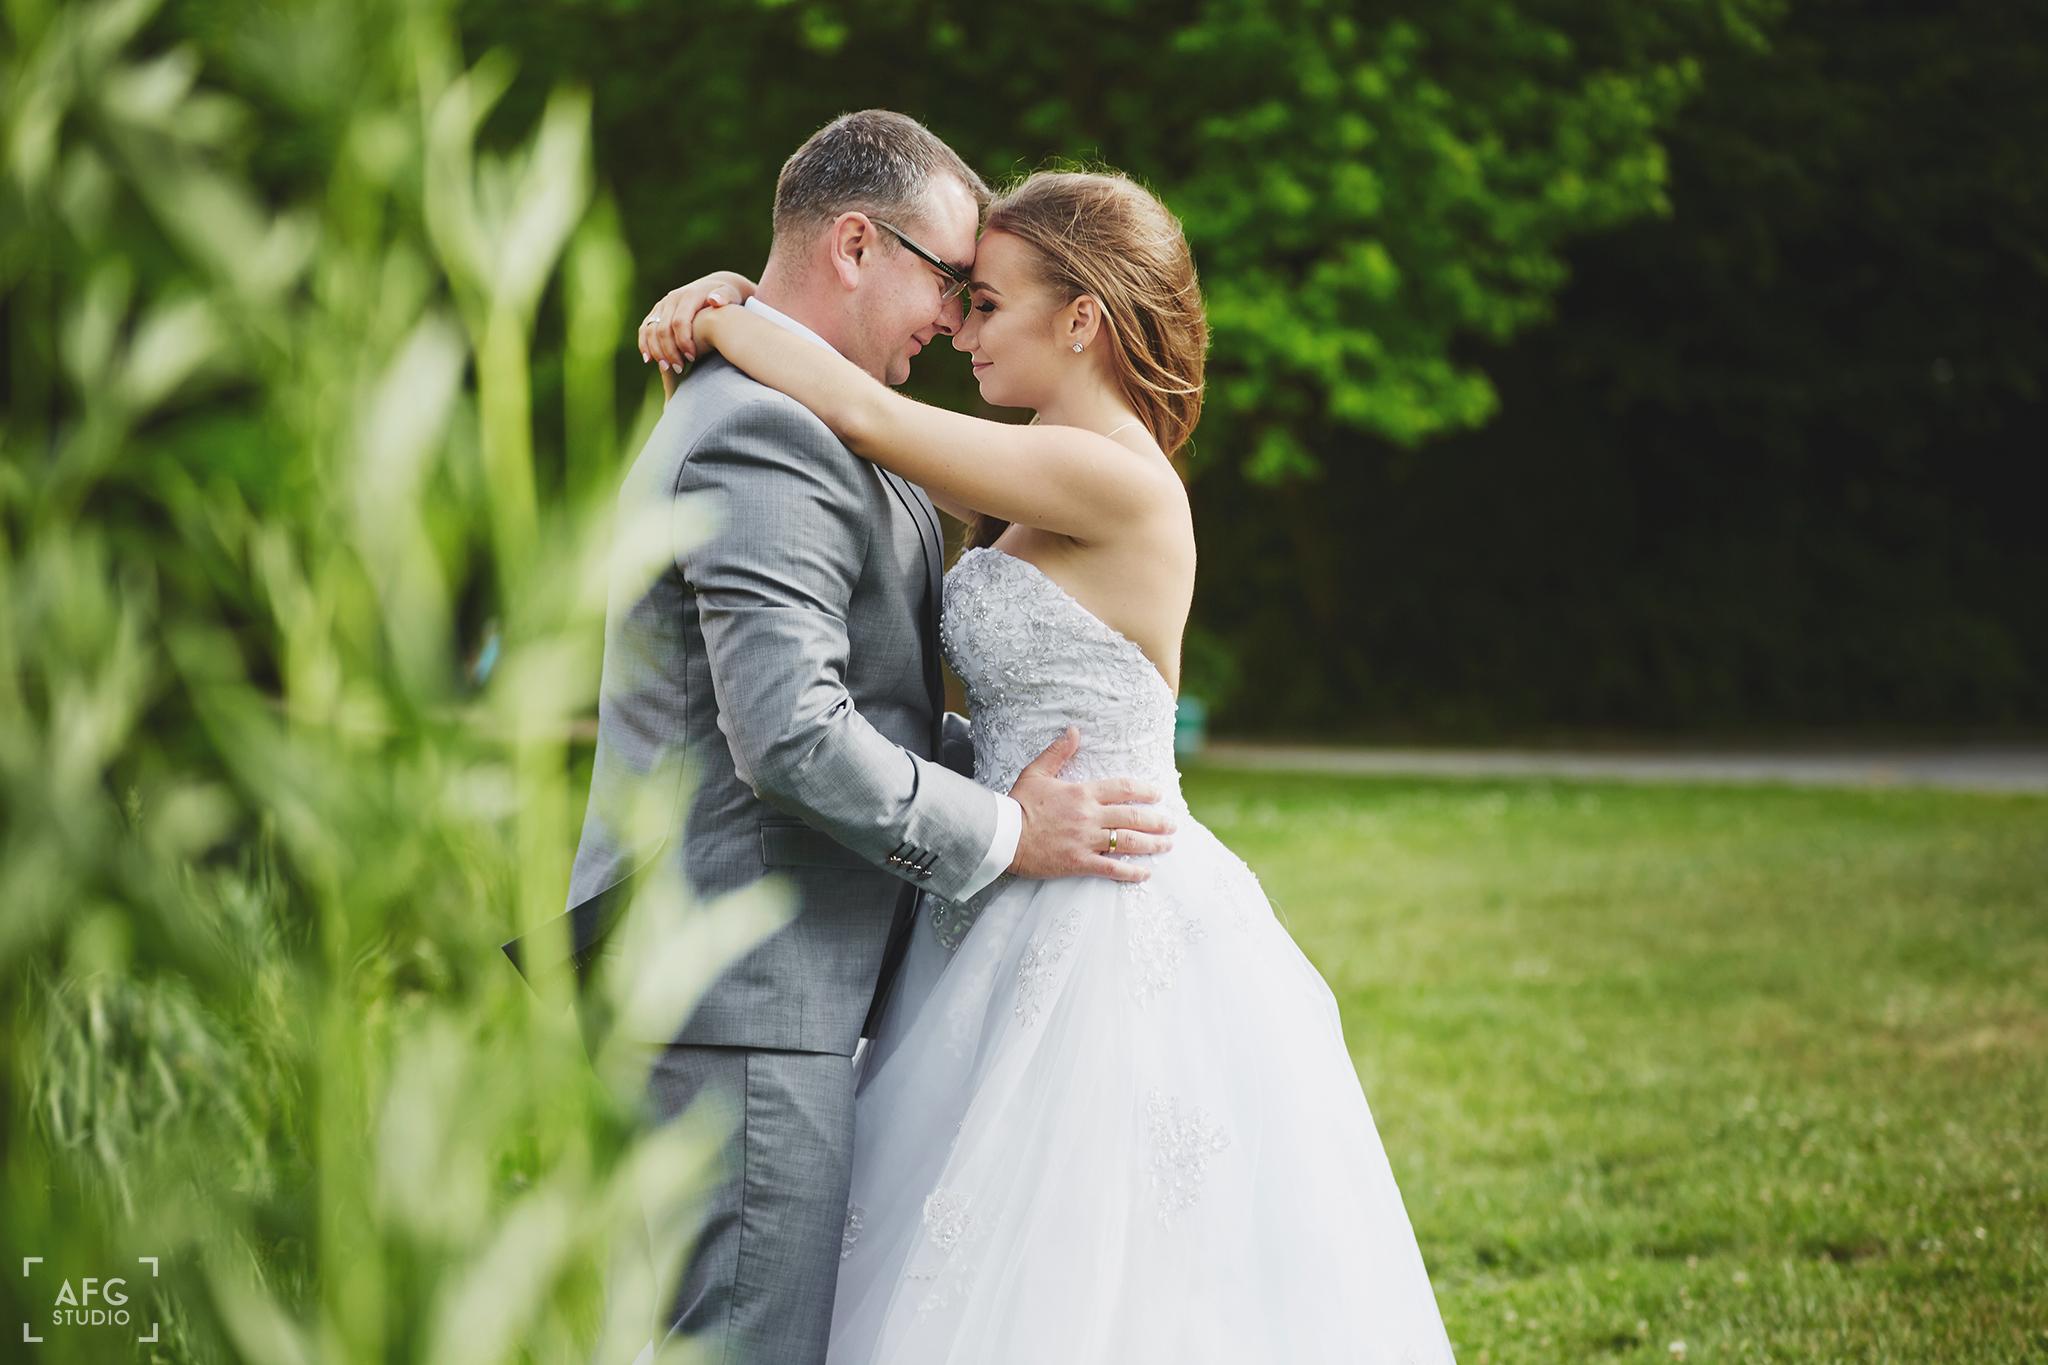 portret ślubny, suknia ślubna, para młoda